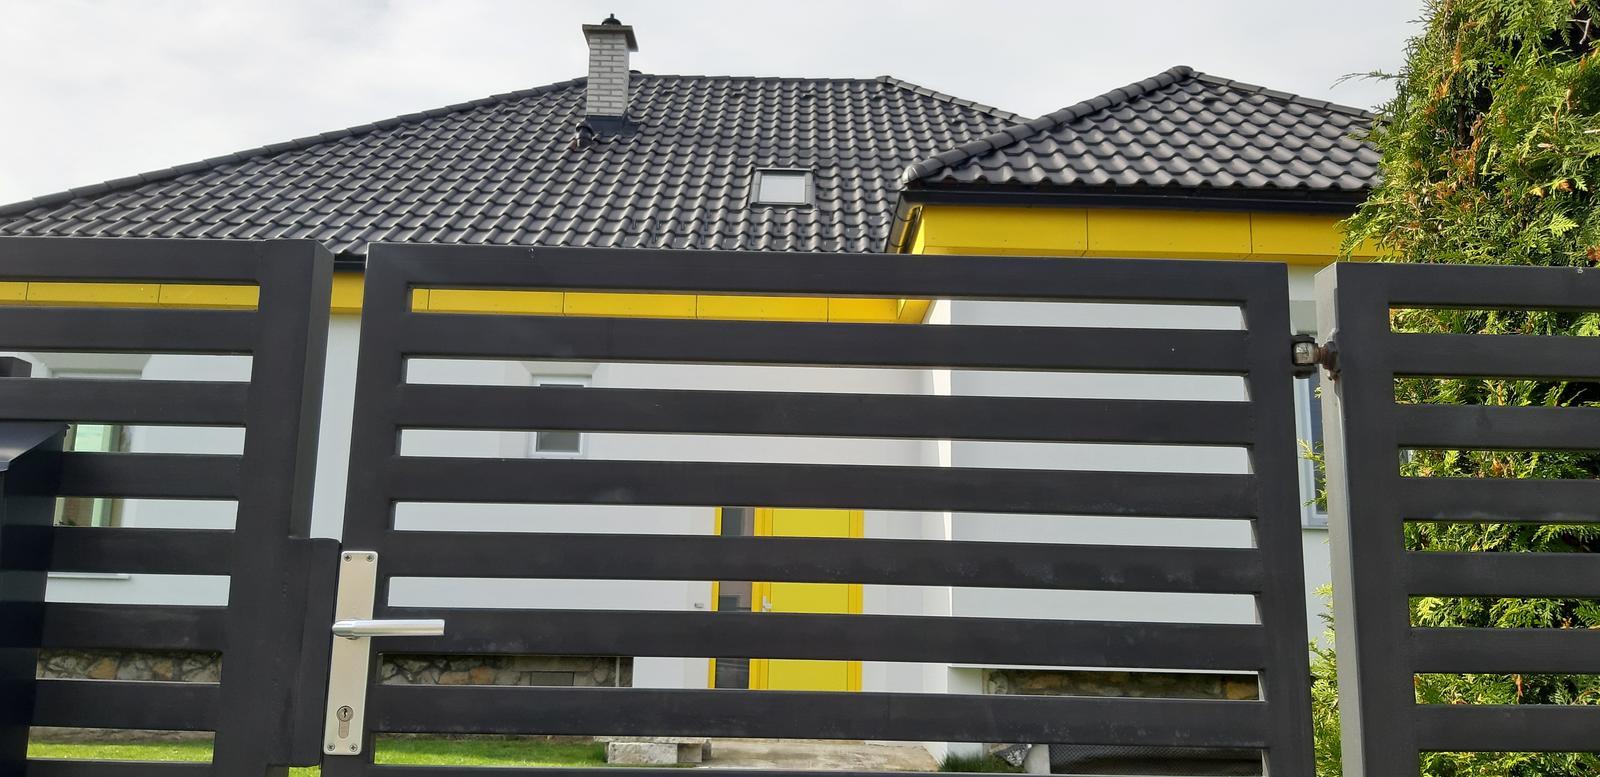 Dom so žltými dverami - ešte bez prístrešku nad vchodovými dverami